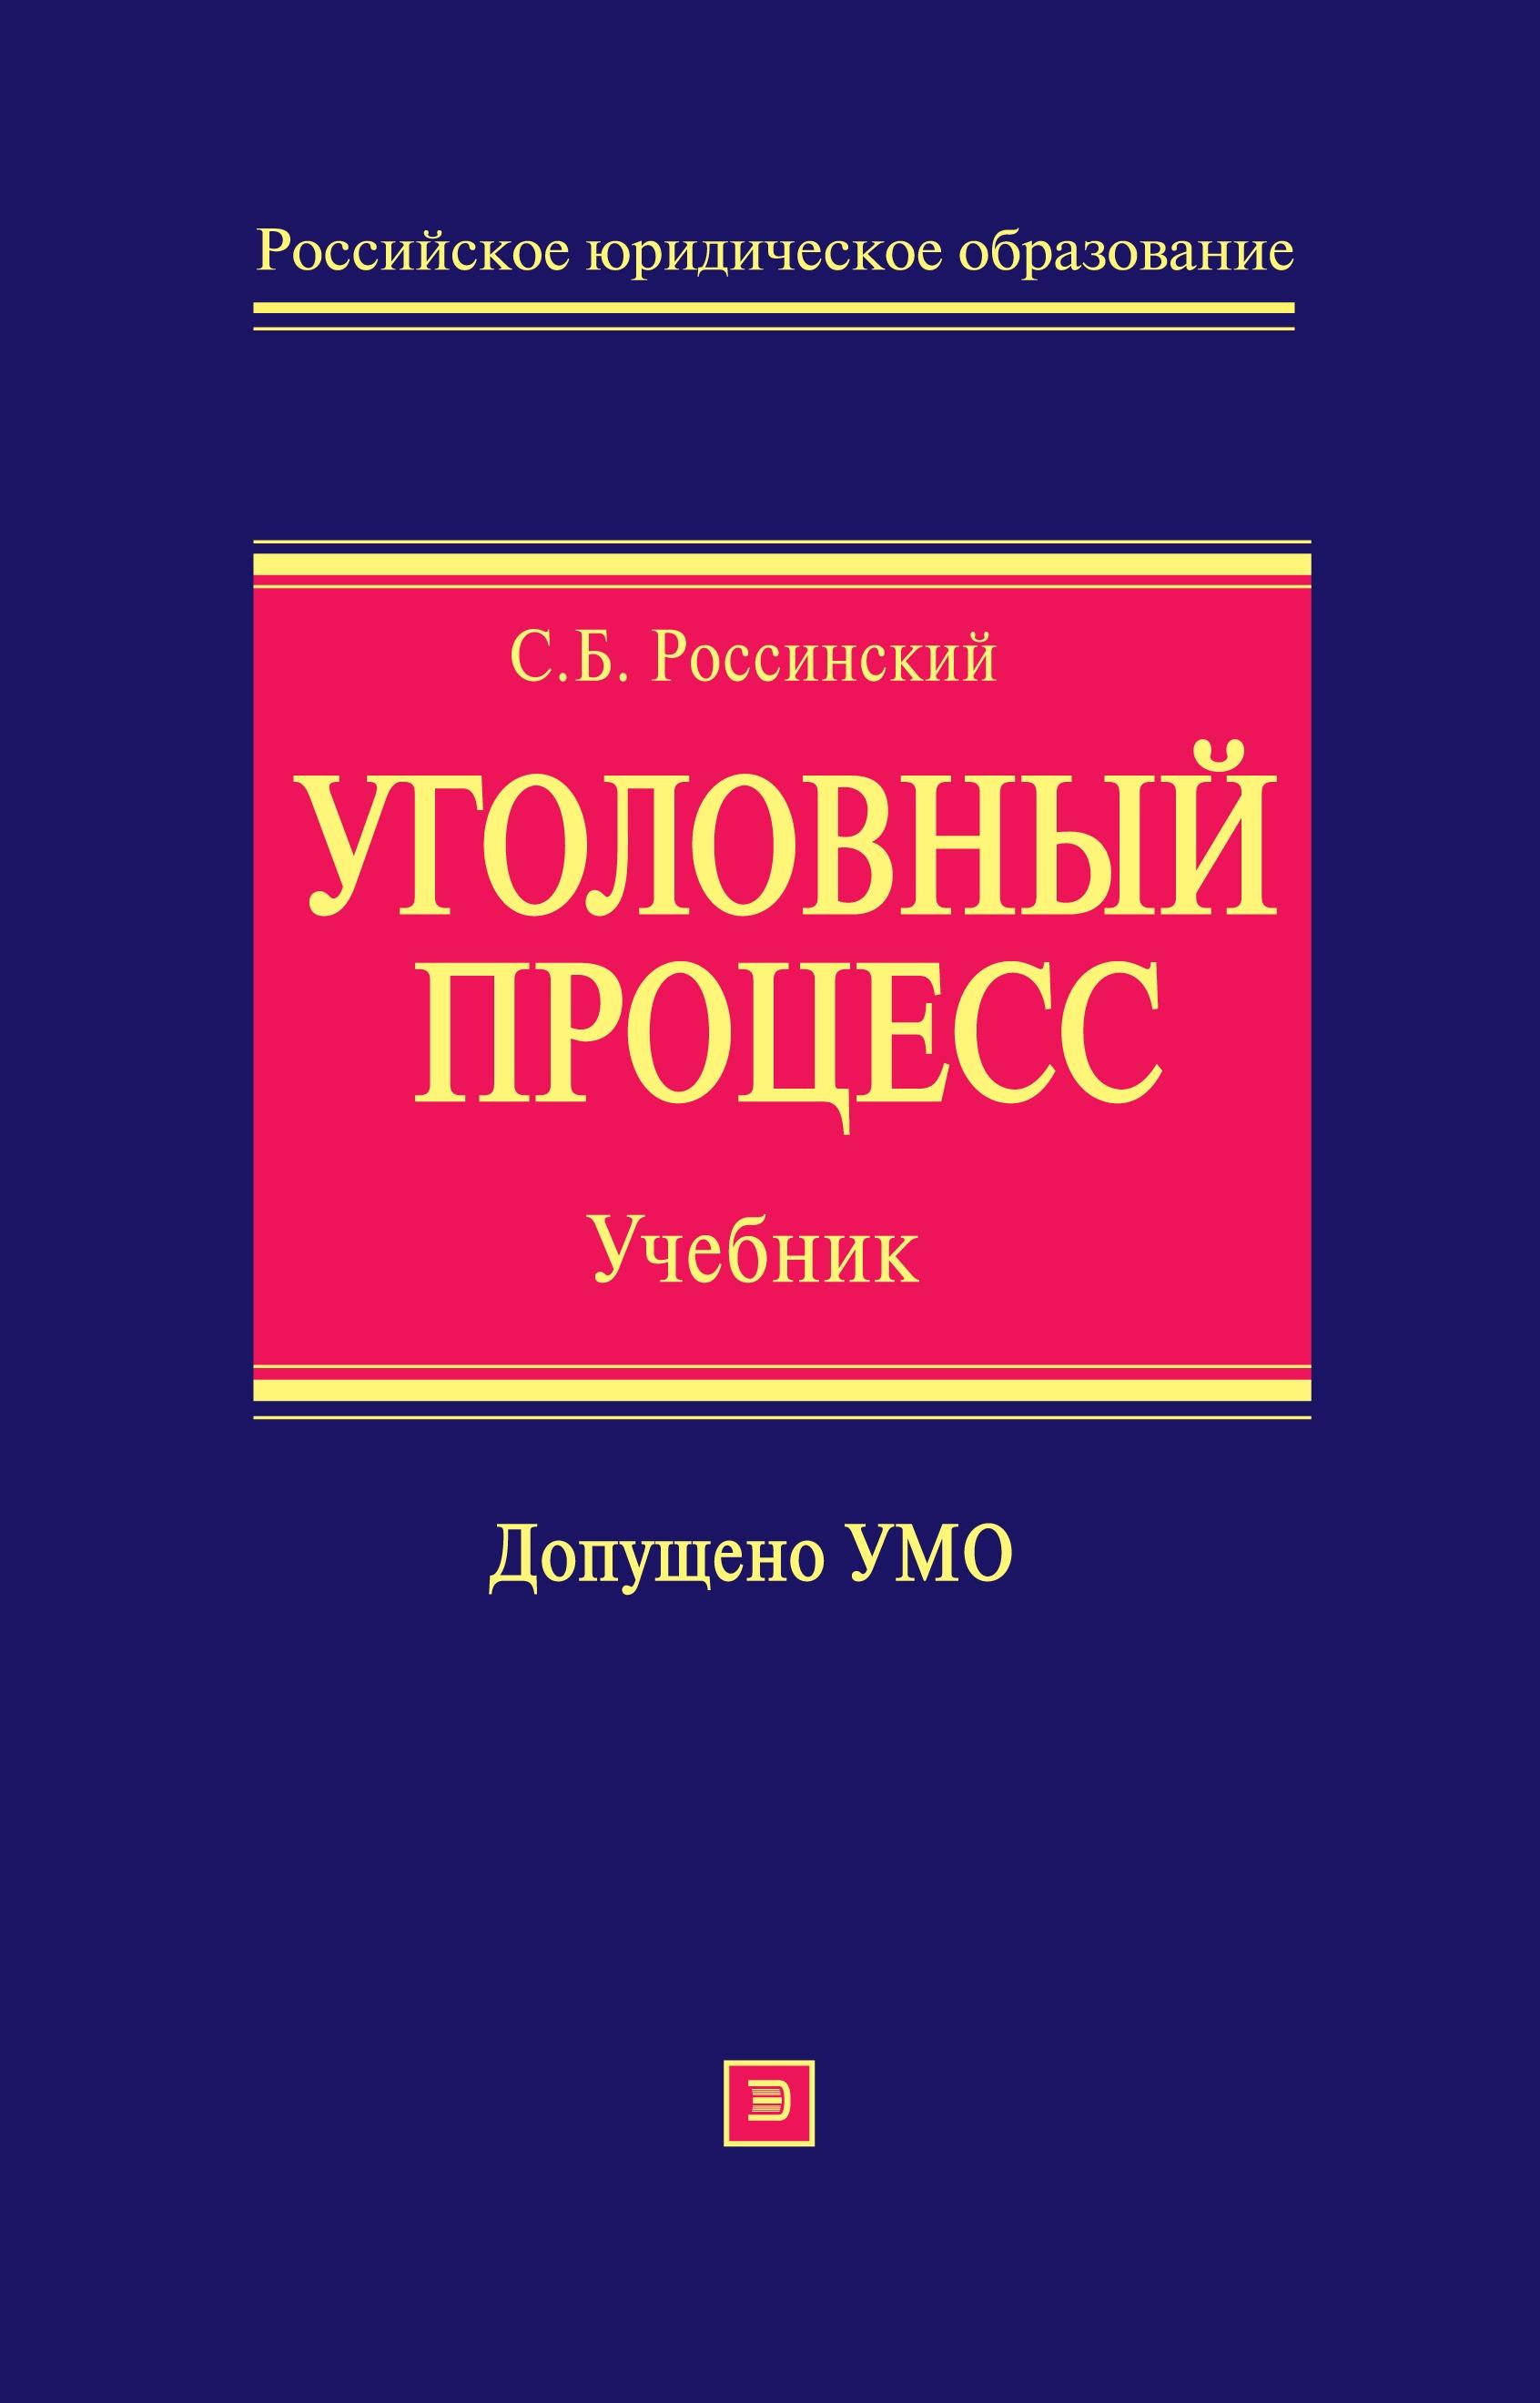 Сергей Борисович Россинский Уголовный процесс: учебник для вузов булатов б уголовный процесс учебник